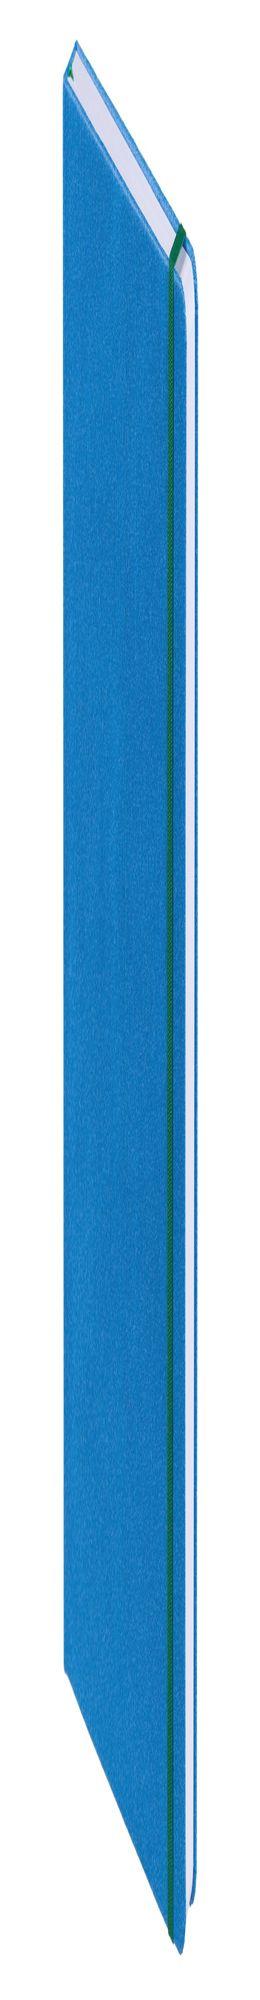 Ежедневник Reggae, недатированный, голубой фото